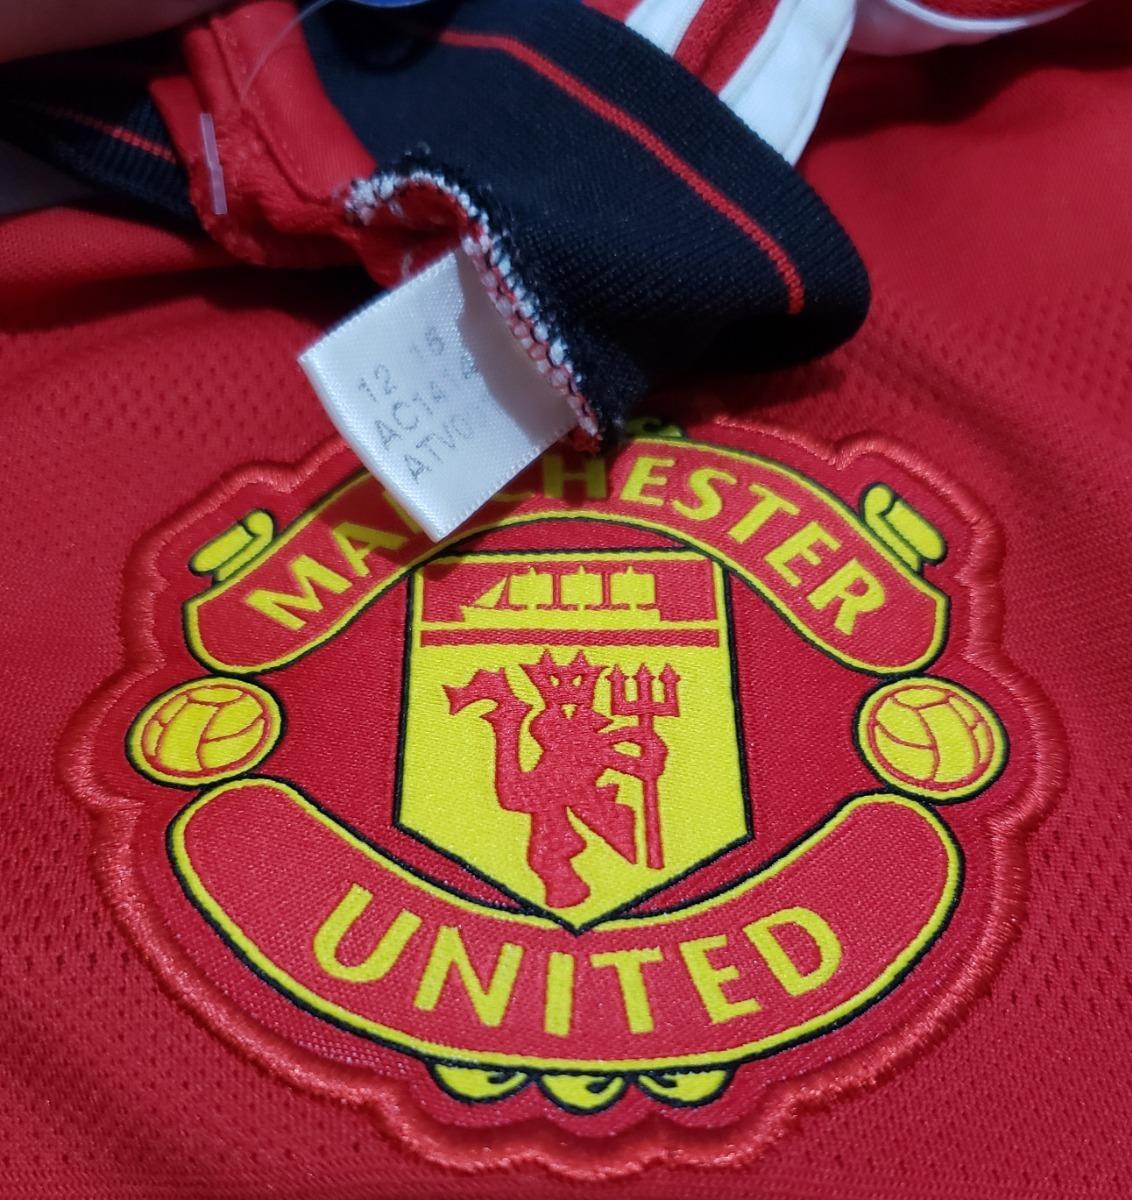 66d4632a75b8f Carregando zoom... camisa oficial manchester united inglaterra 2015 home  adidas